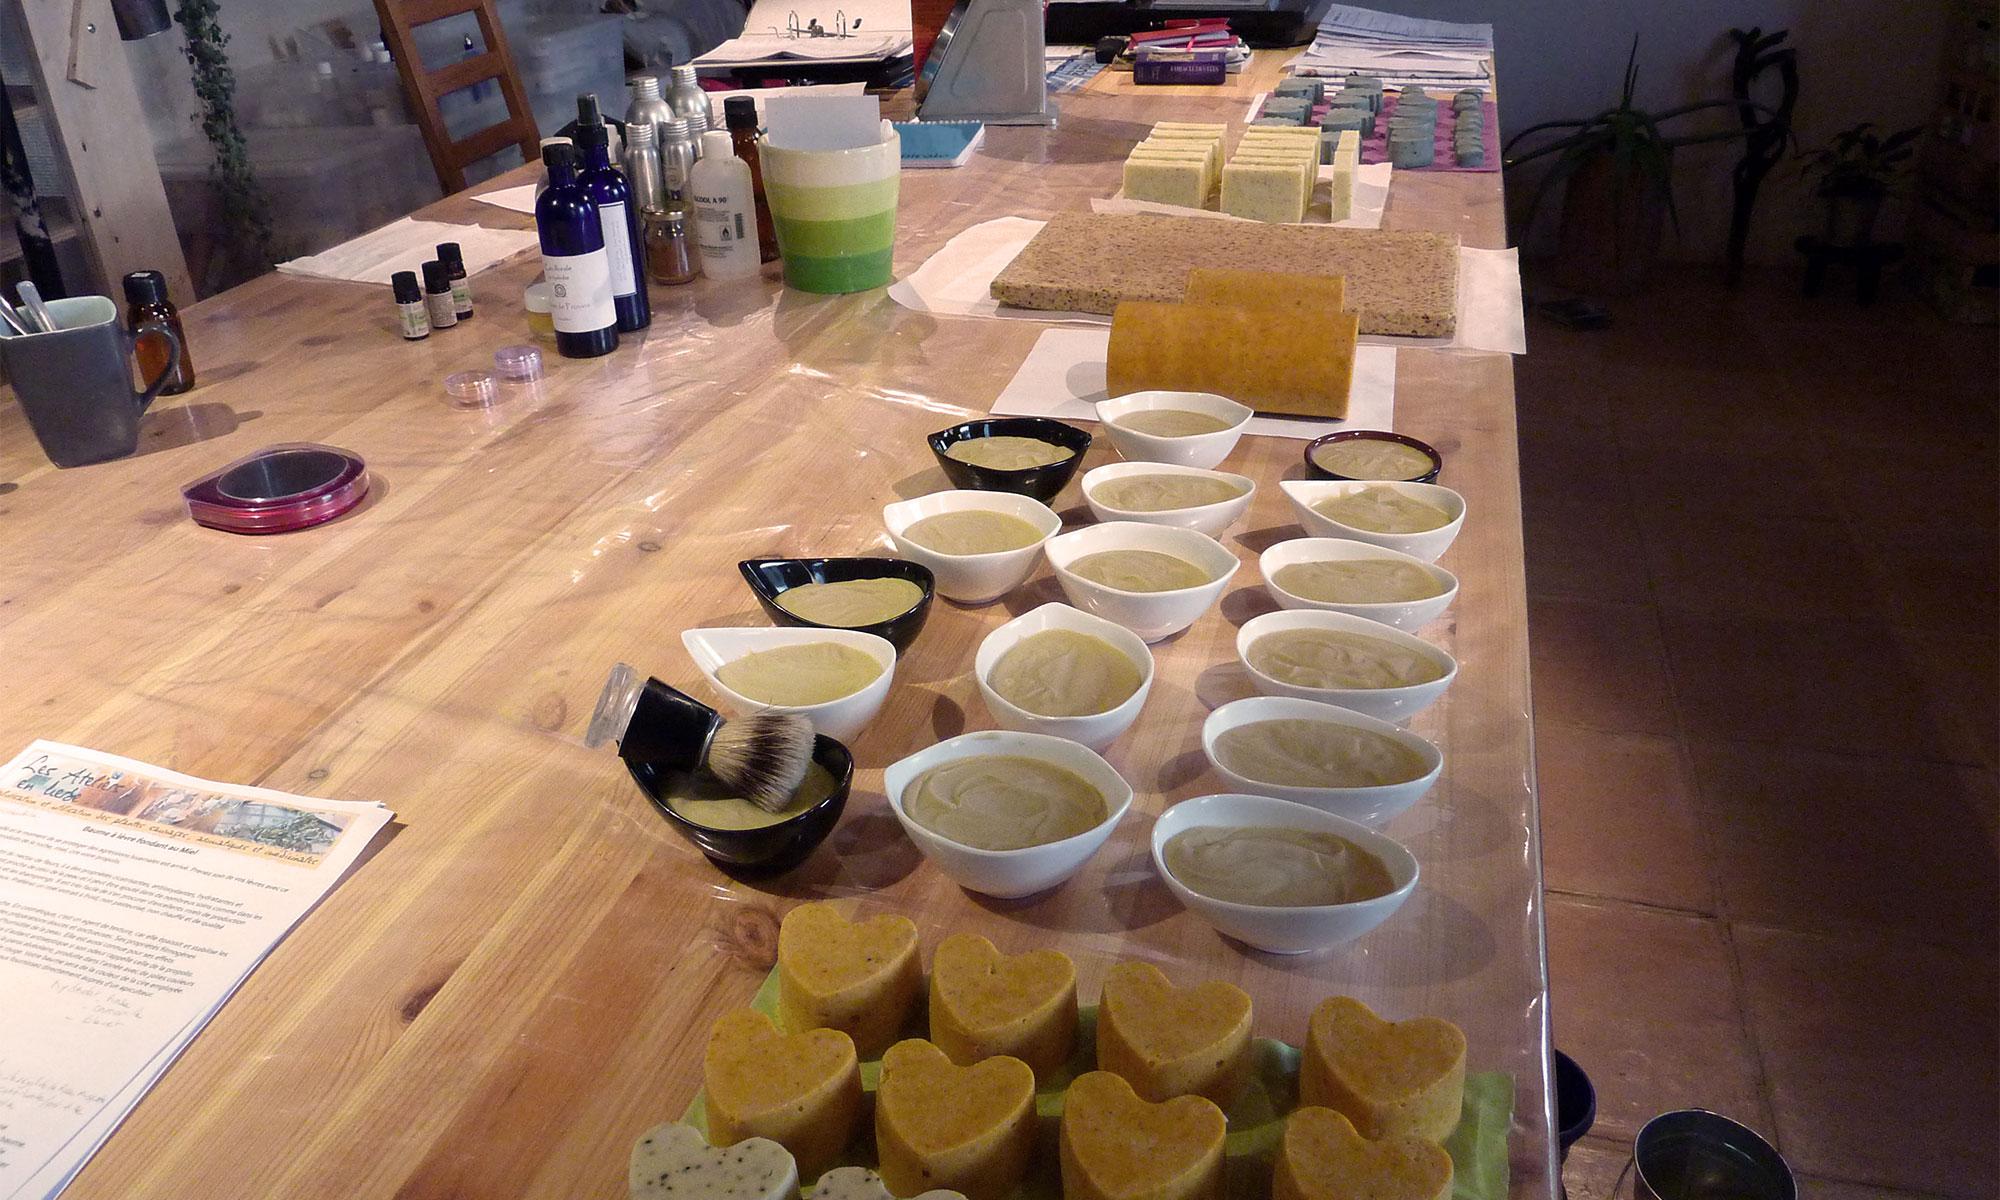 Exemple de personnalisation lors de l'atelier de fabrication de savons artisanaux.